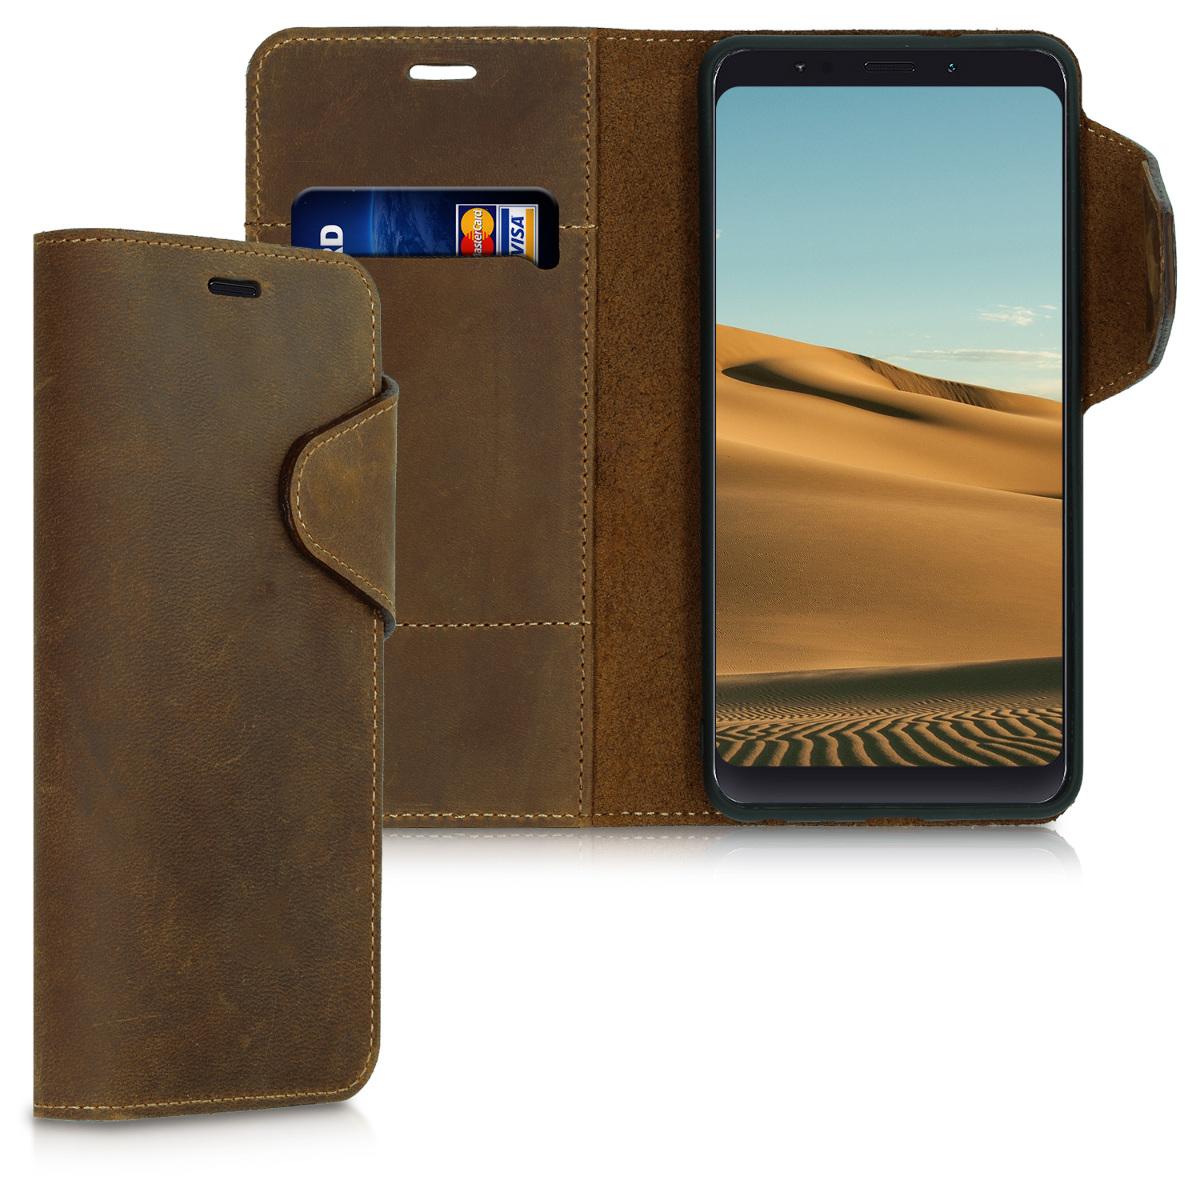 Kalibri Δερμάτινη Suede Θήκη - Πορτοφόλι Xiaomi Redmi Note 5 -  Brown (46338.05)